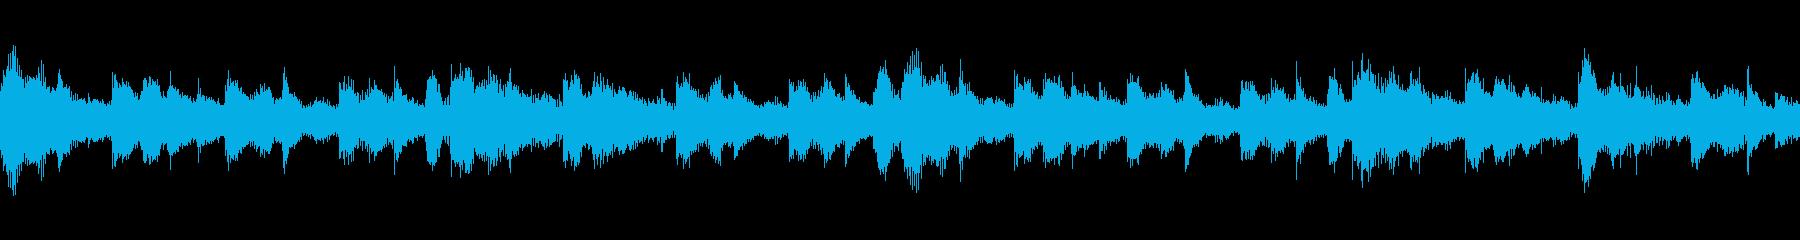 ベル、チャイム、グロッケンシュピー...の再生済みの波形